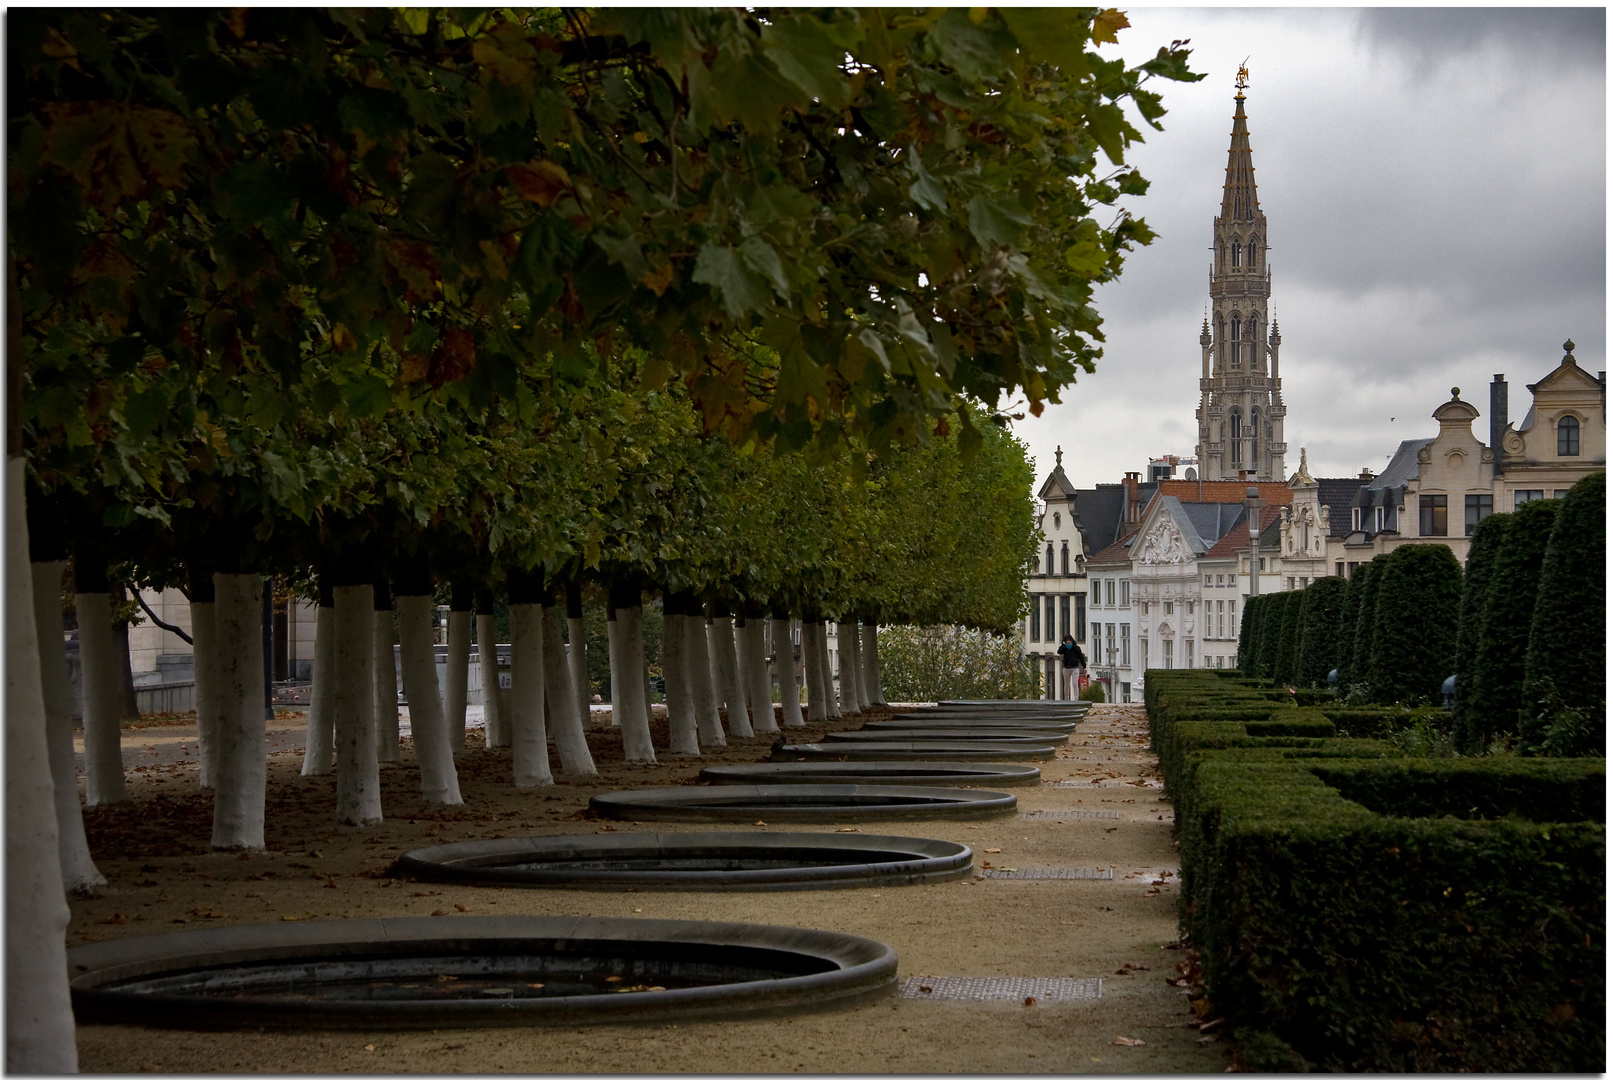 Automne à Bruxelles XXVIII Perspective en vert